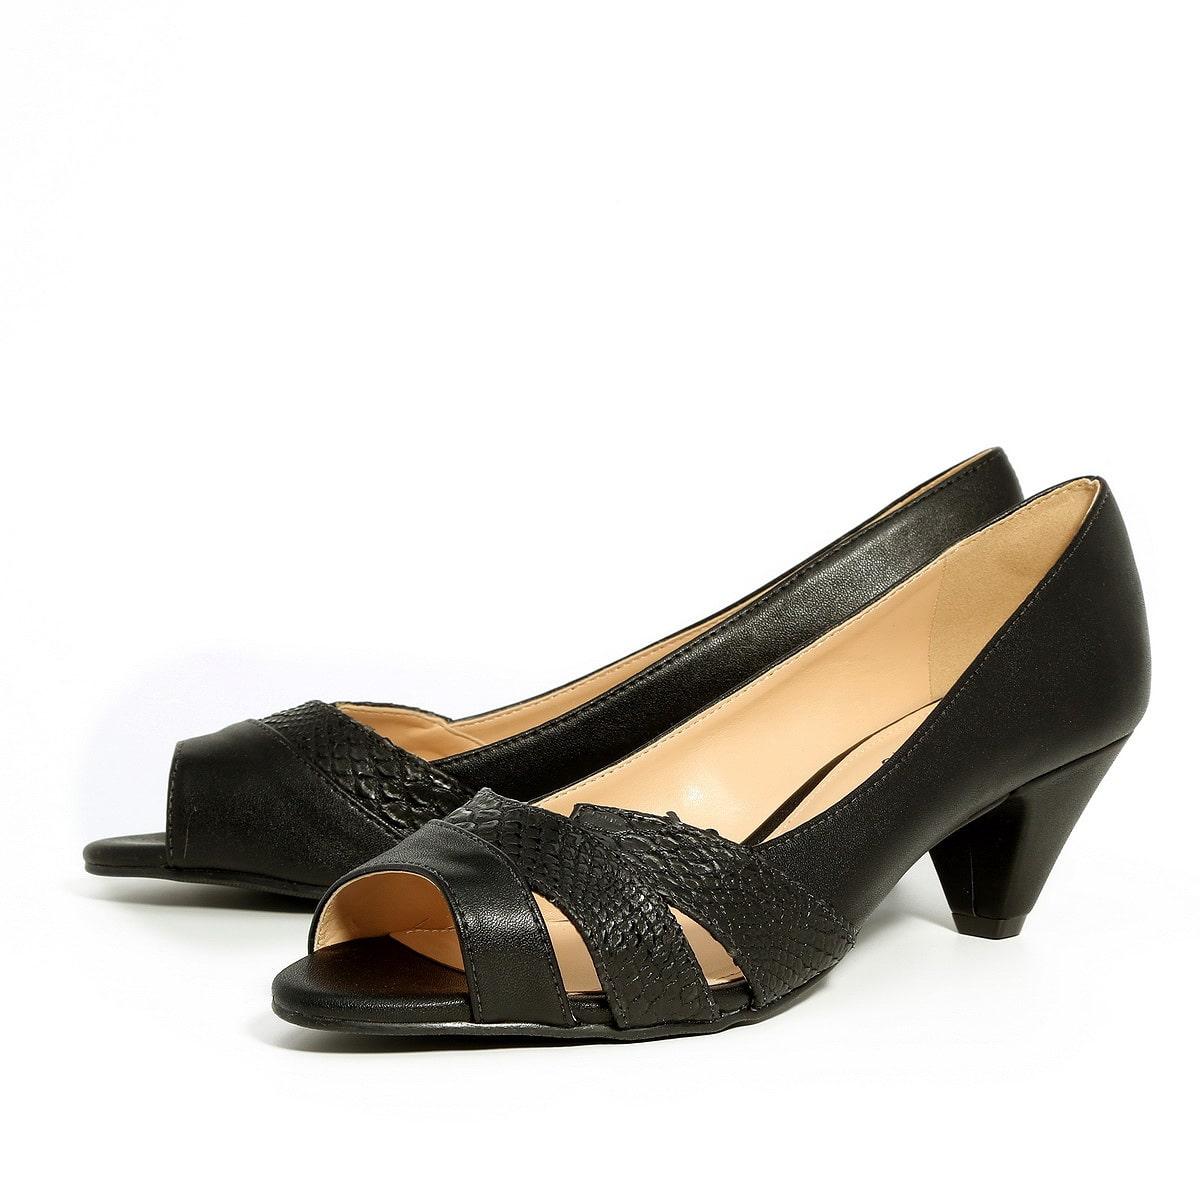 דגם עינת: נעלי עקב בצבע שחור